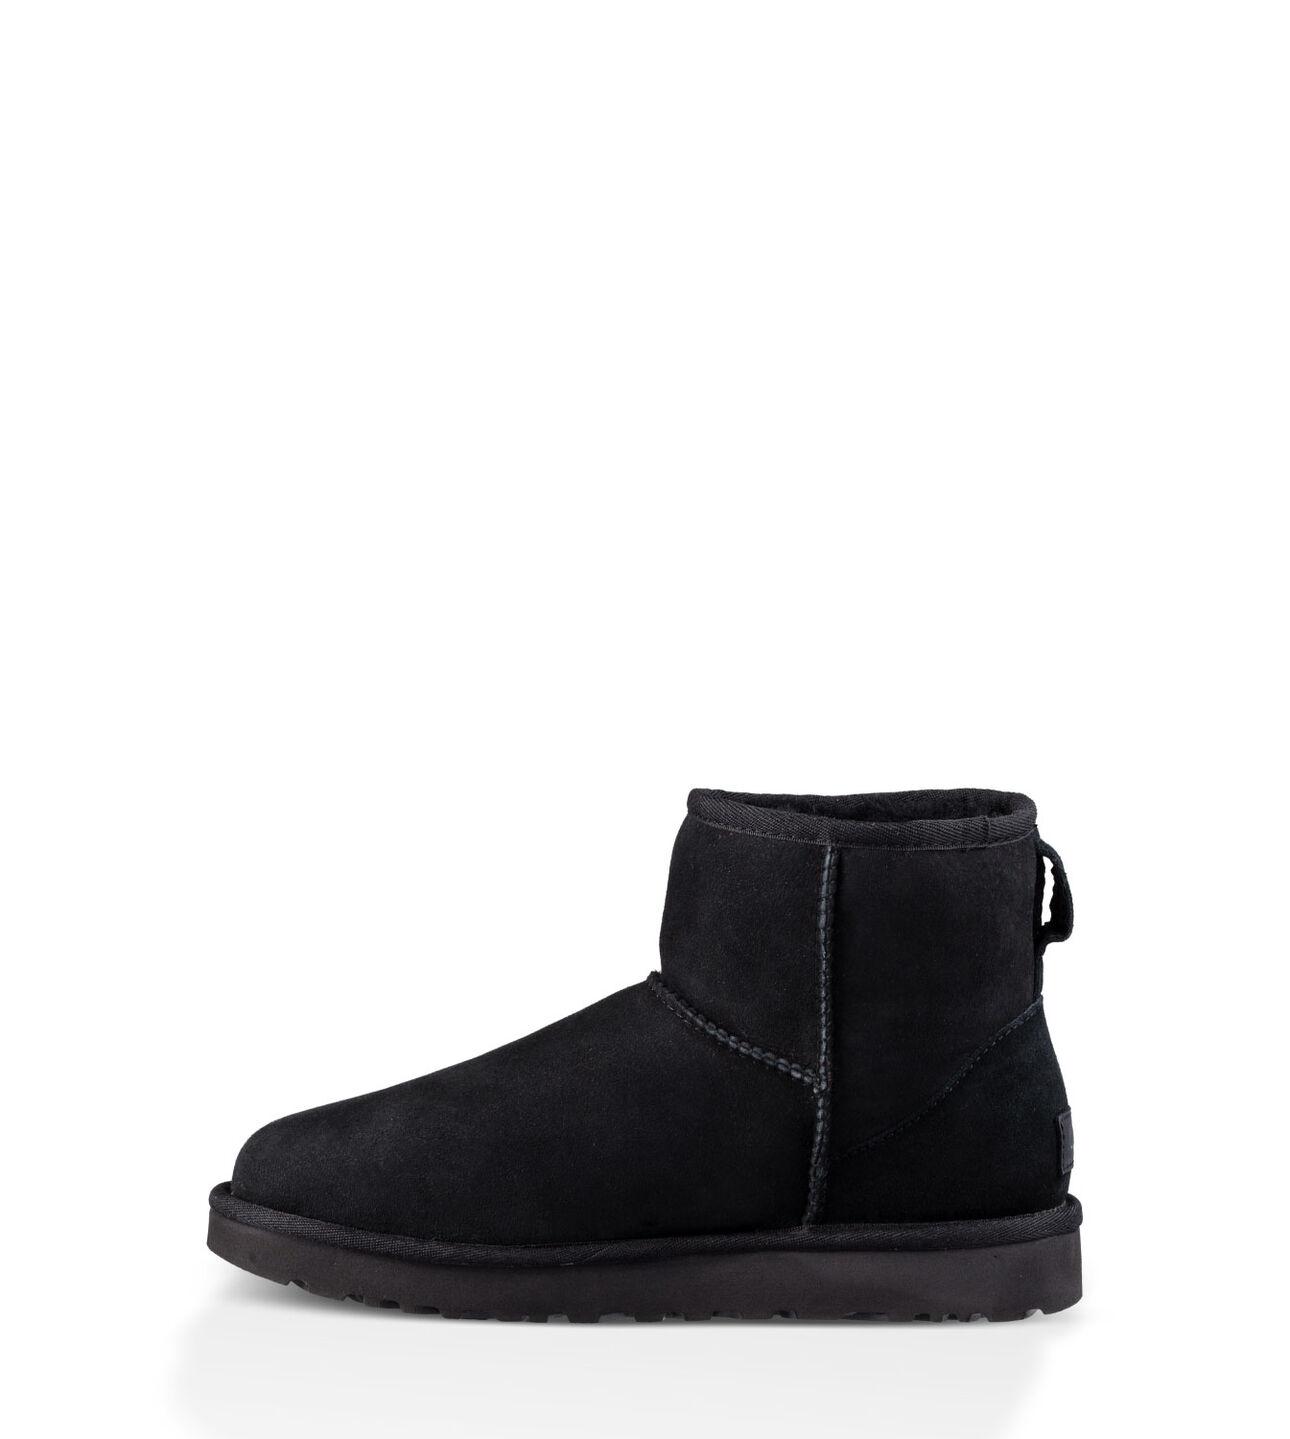 black ugg mini boots. Black Bedroom Furniture Sets. Home Design Ideas